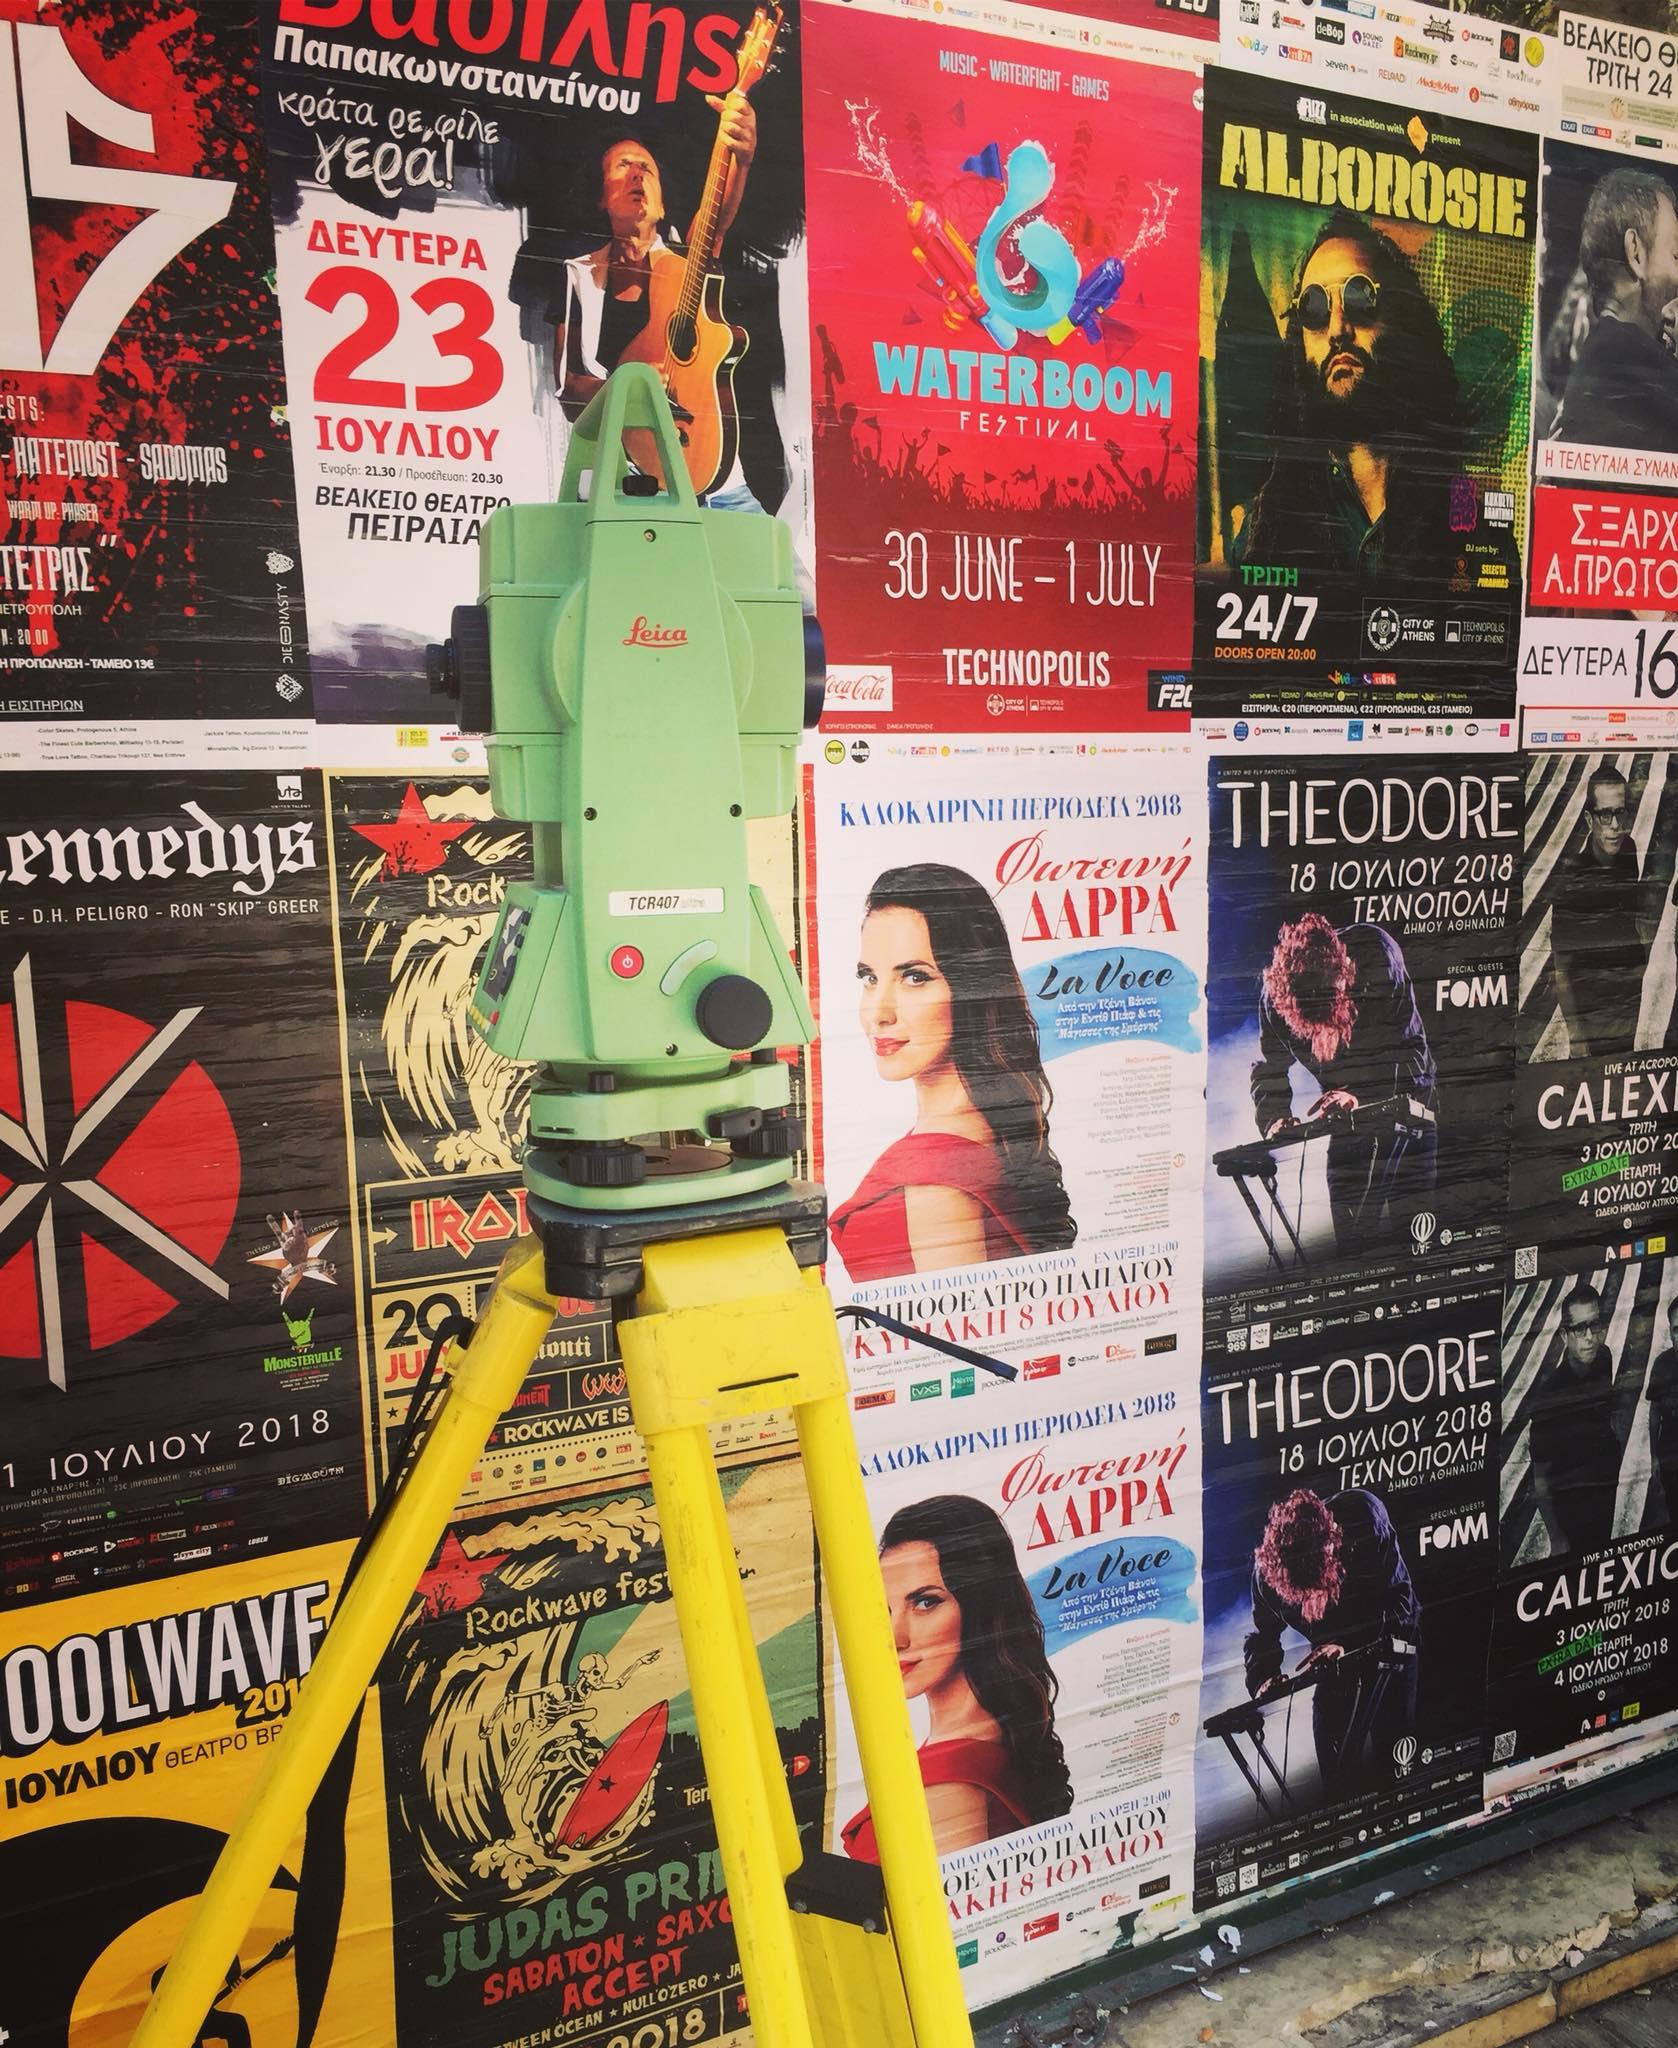 ΤοπογραφΩ στο κέντρο της Αθήνας